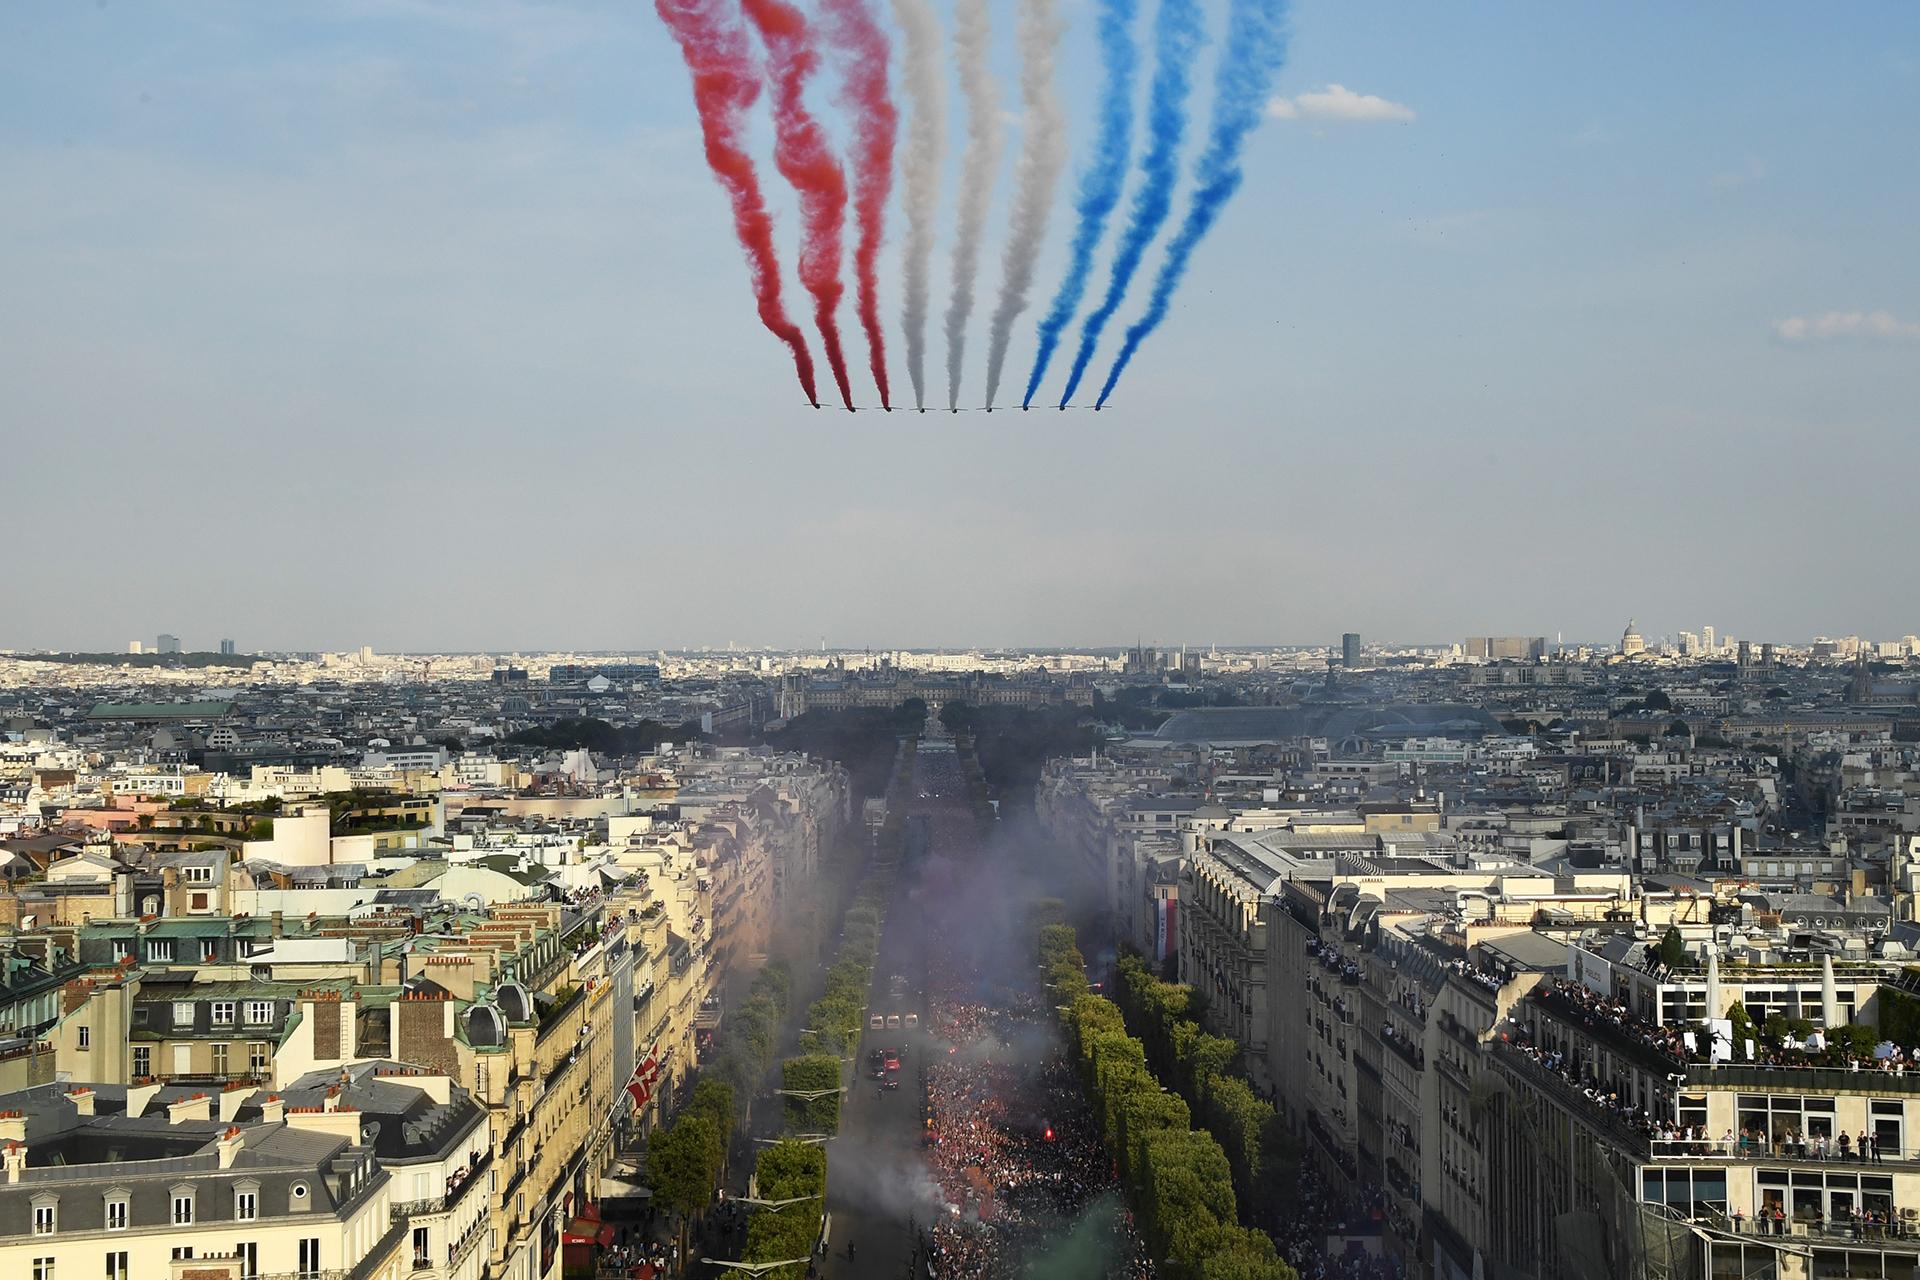 The Patrouille, los jets realizaron una performancepara pintar el cielo de París